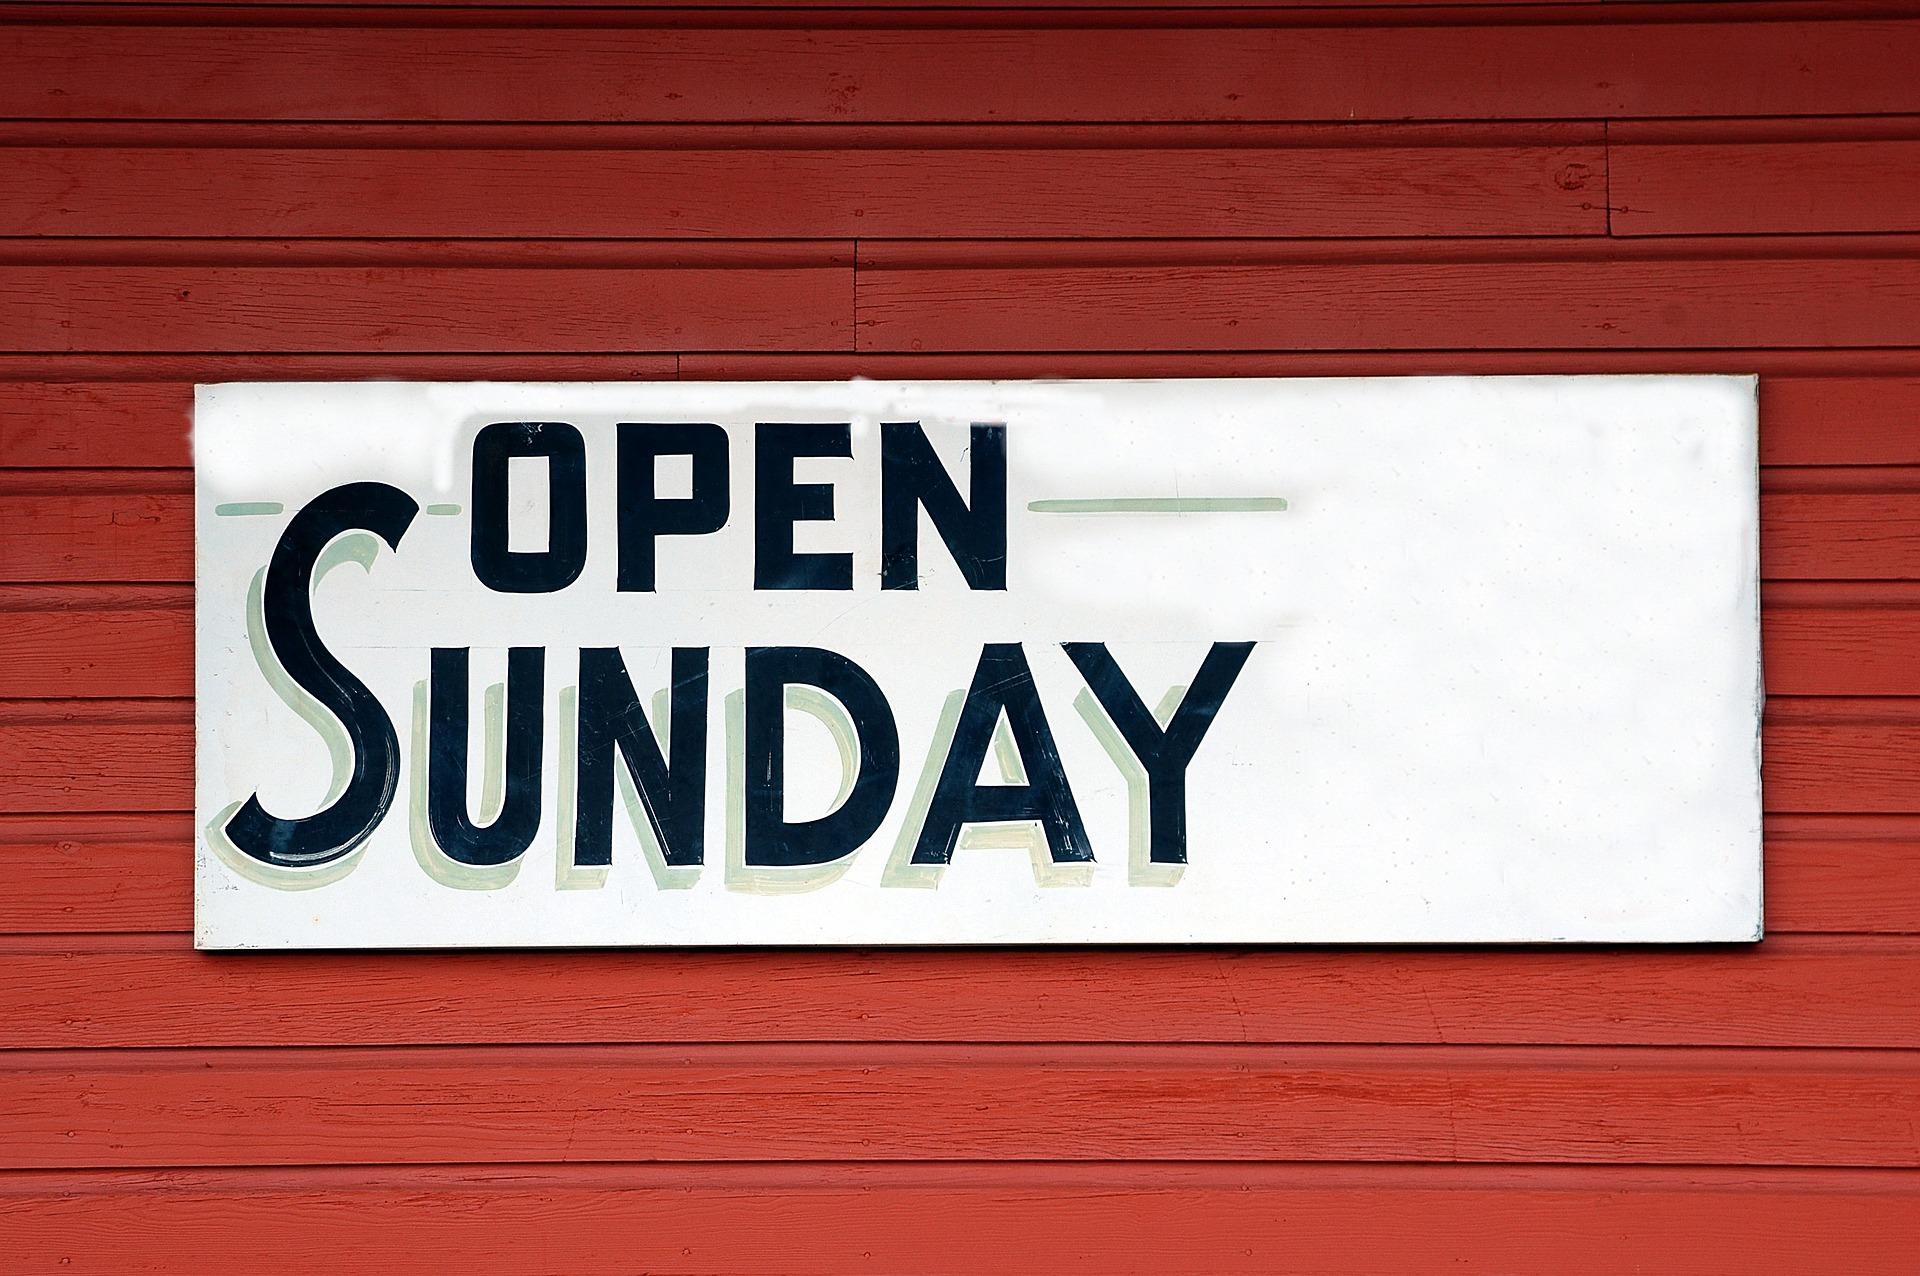 rad nedjeljom, radimo nedjeljom